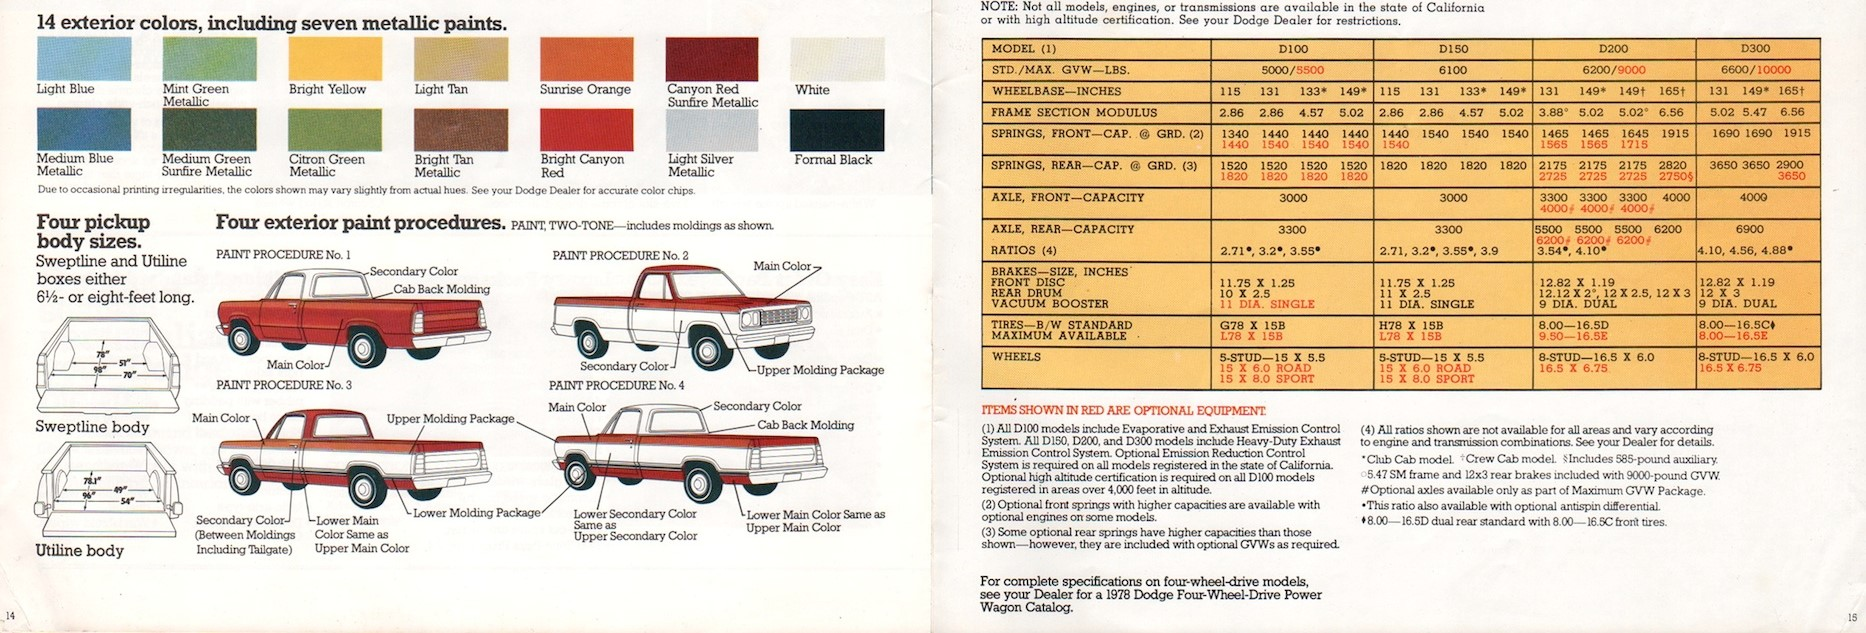 1978dodgetruckbrochure.jpg.61cc626b9d45d41ad7c3d87af13f4029.jpg